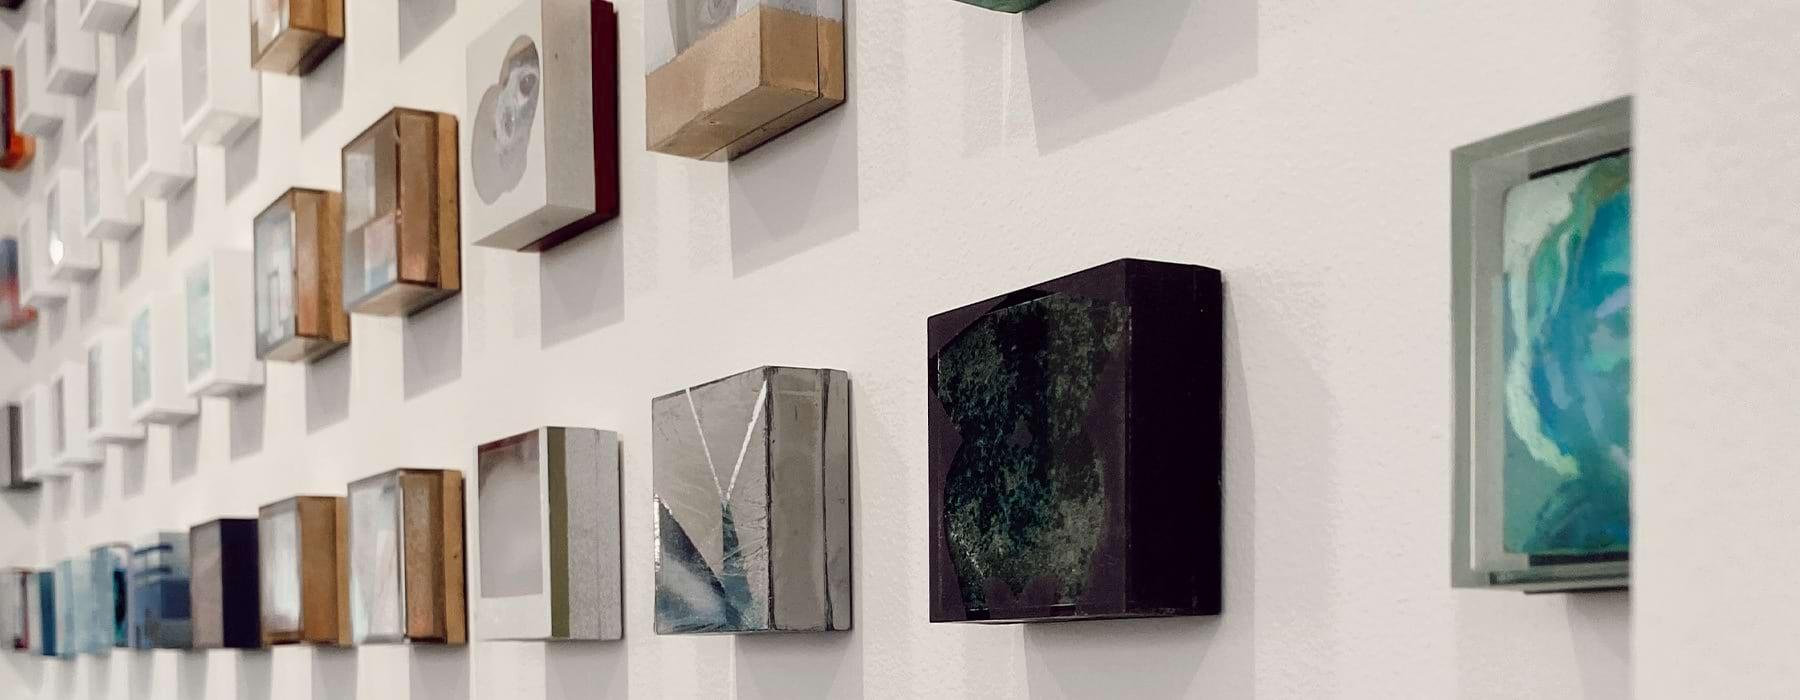 C Gallery Art Exhibit